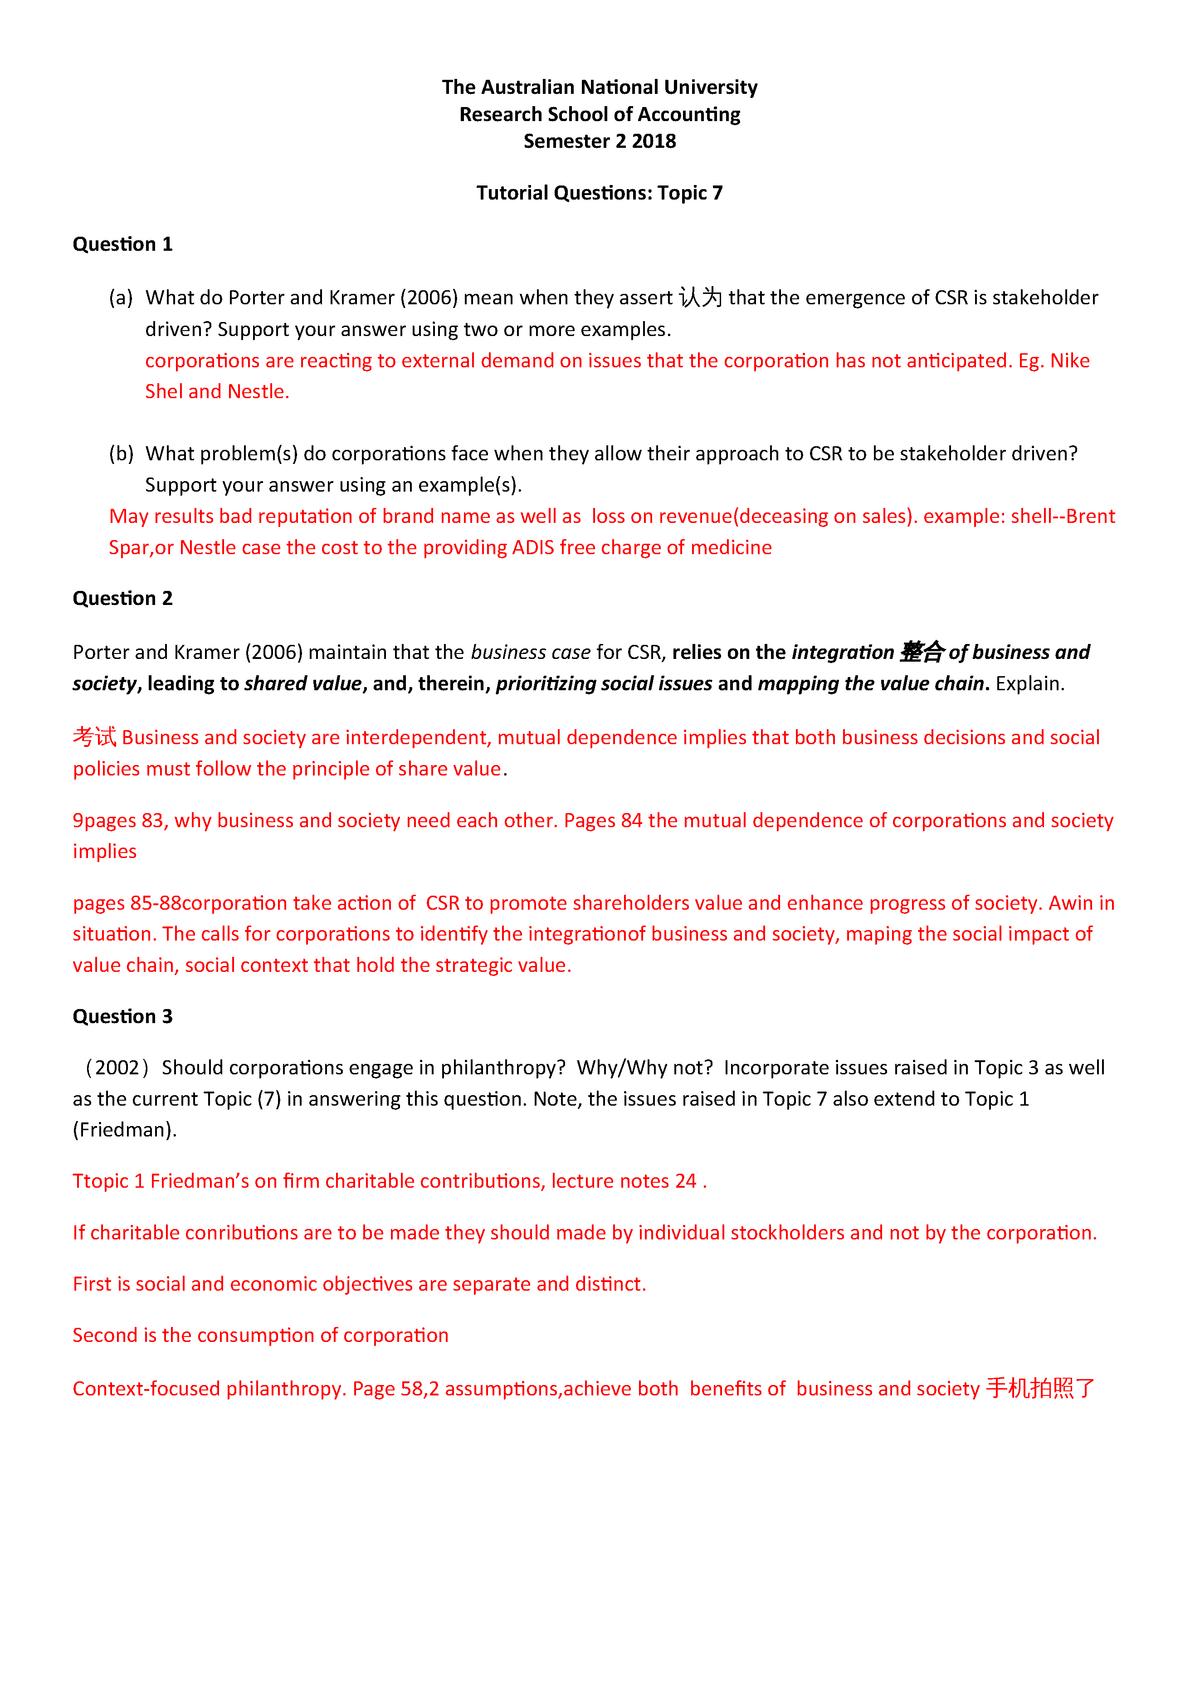 Busn3017 Tutorial Qs Topic 7 - ANU - StuDocu